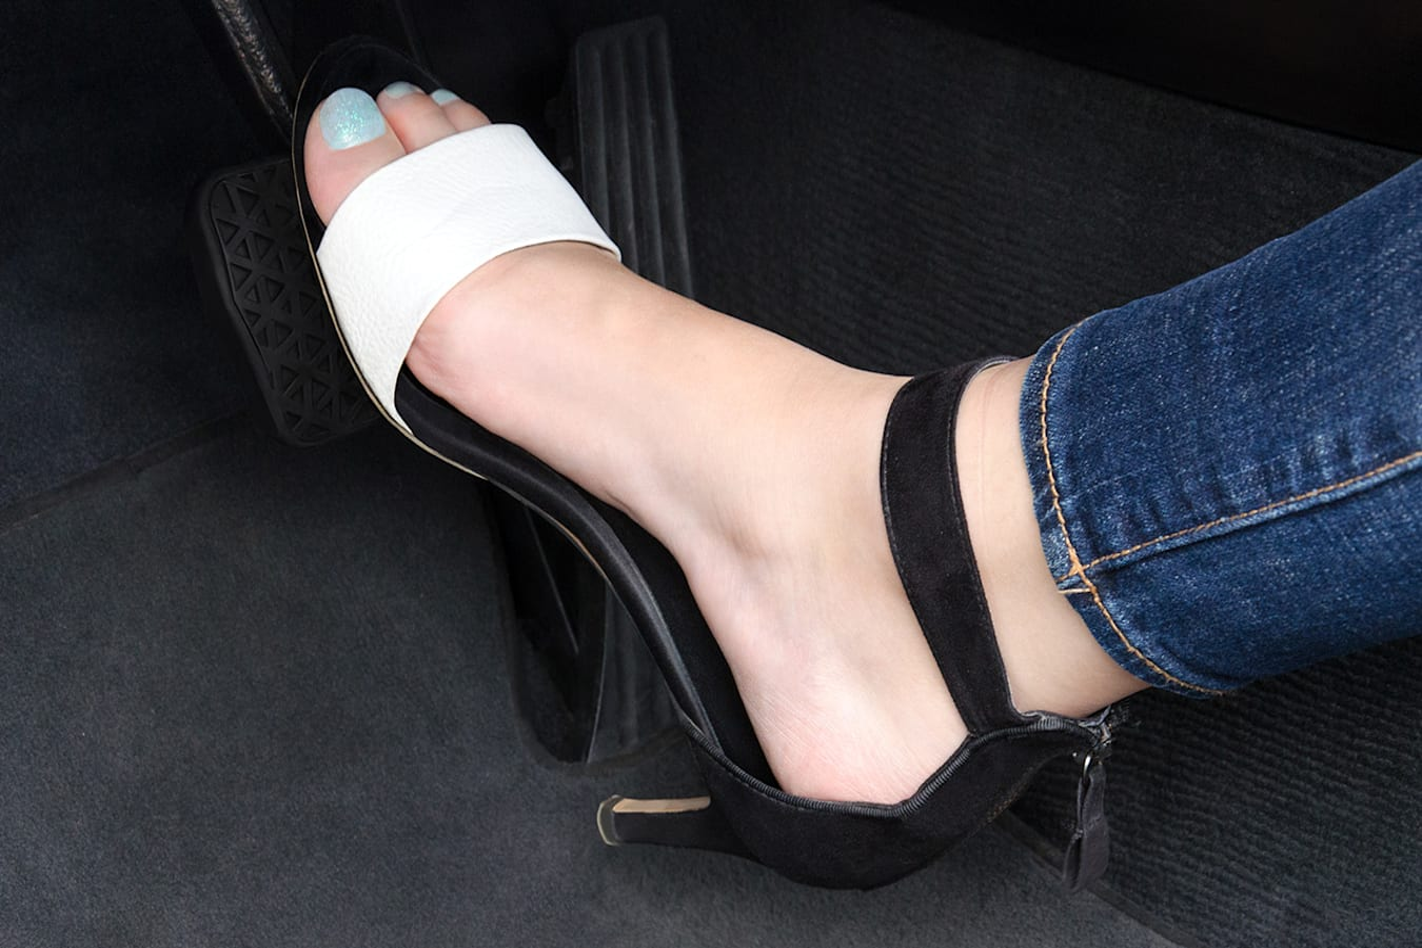 driving a car in kitten heels